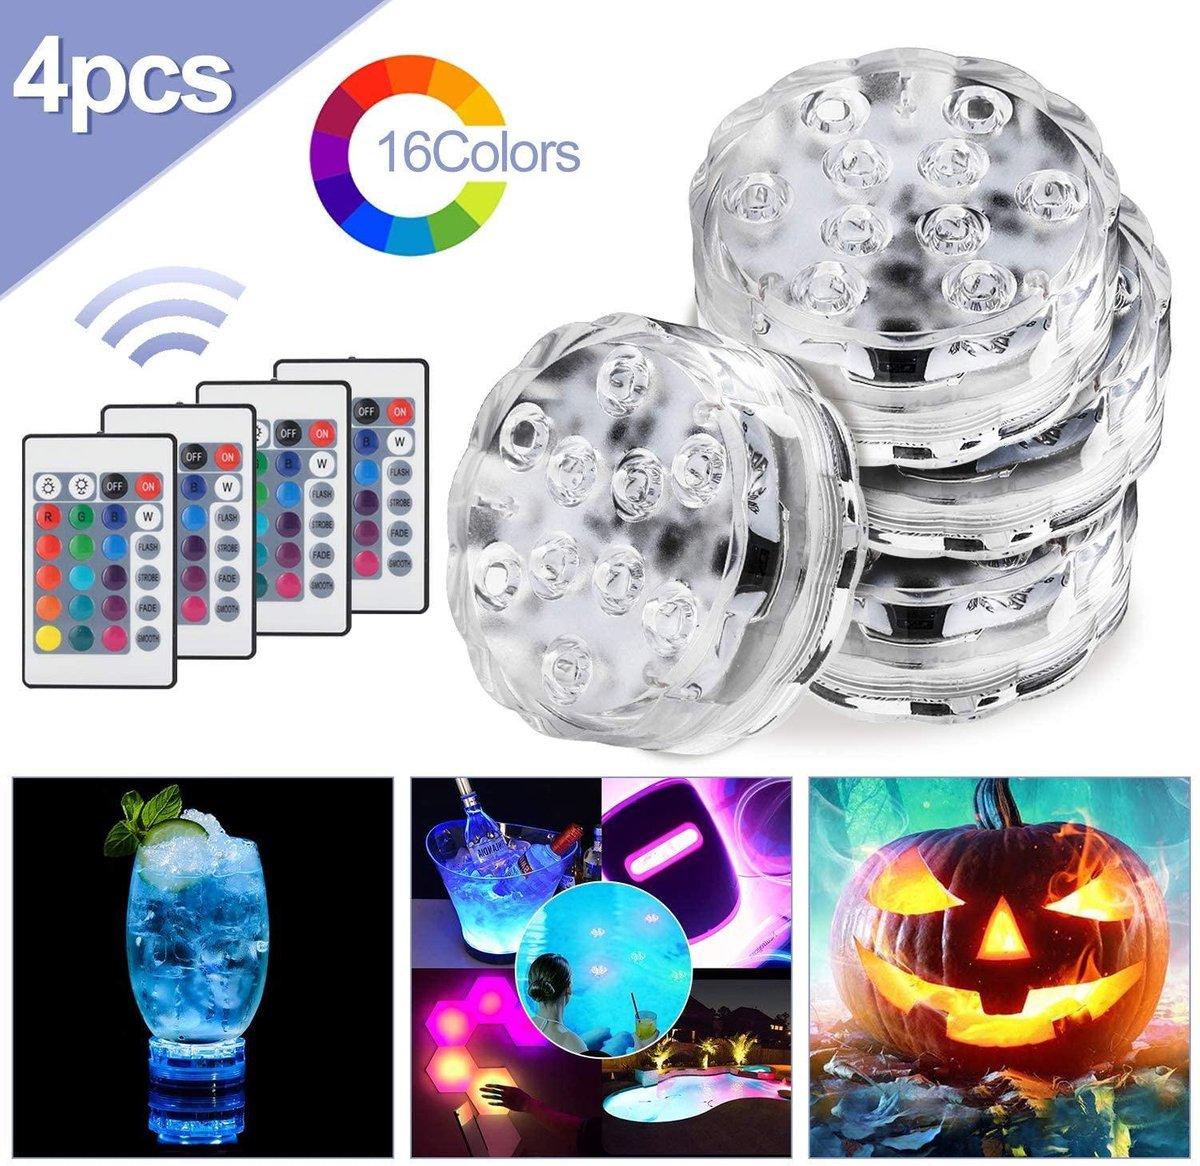 Led-verlichting voor onder water, IP68 waterdicht, met afstandsbediening, RGB-kleurwisseling, voor in zwembad, vaas, kerst, tuin, aquarium en badkuip.